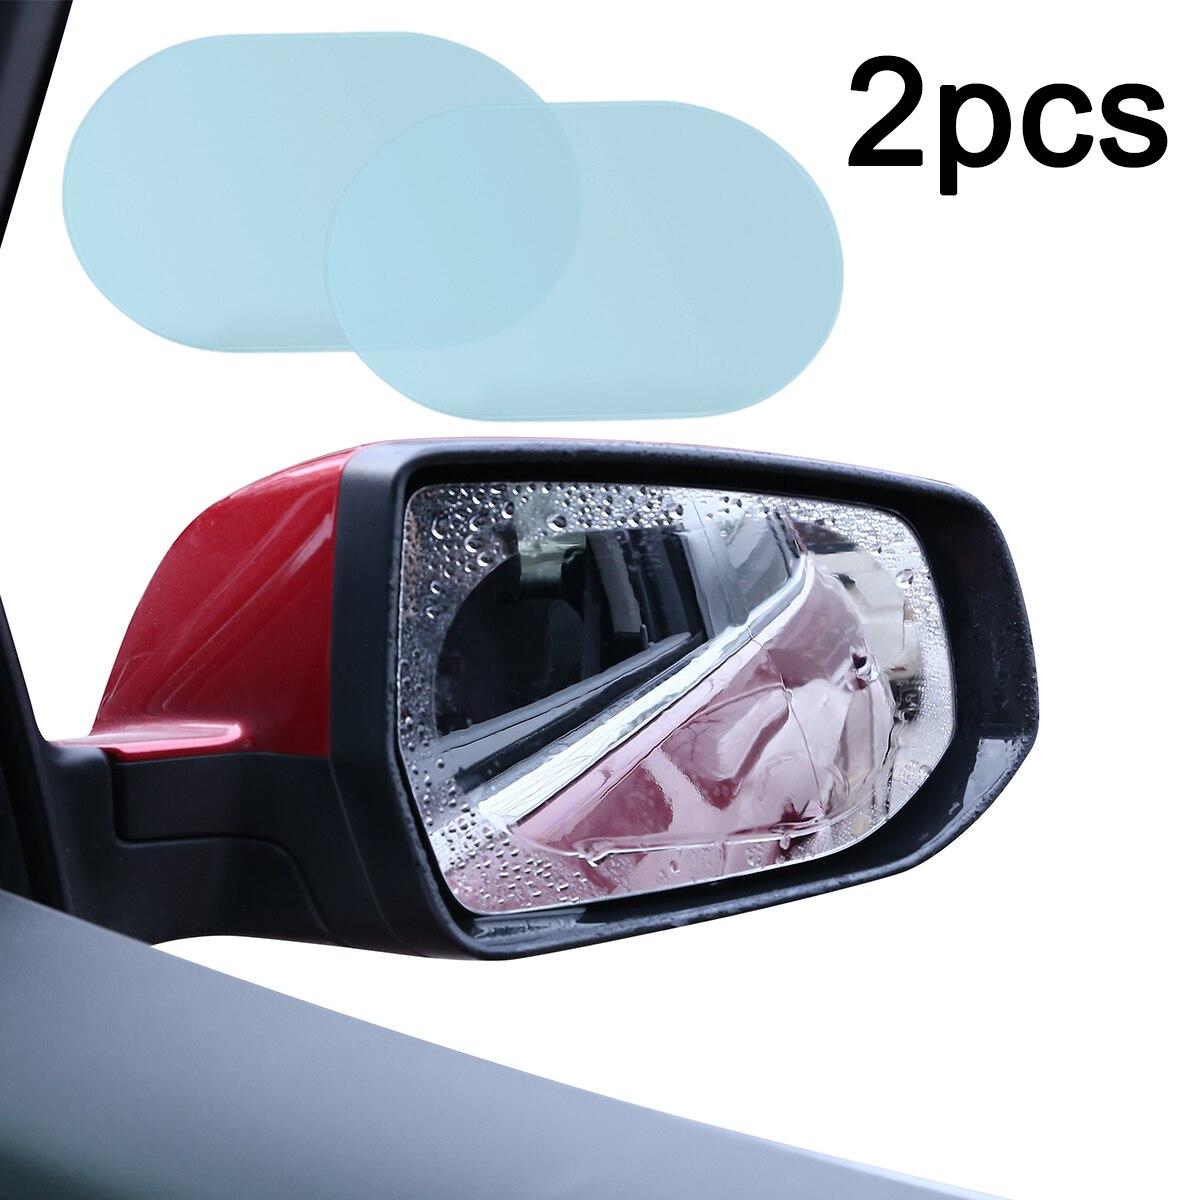 Mayitr 2 sztuk 140*100MM owalne samochodów Anti Water mgła Film przeciwdeszczowa lusterko ochronne okienko Film